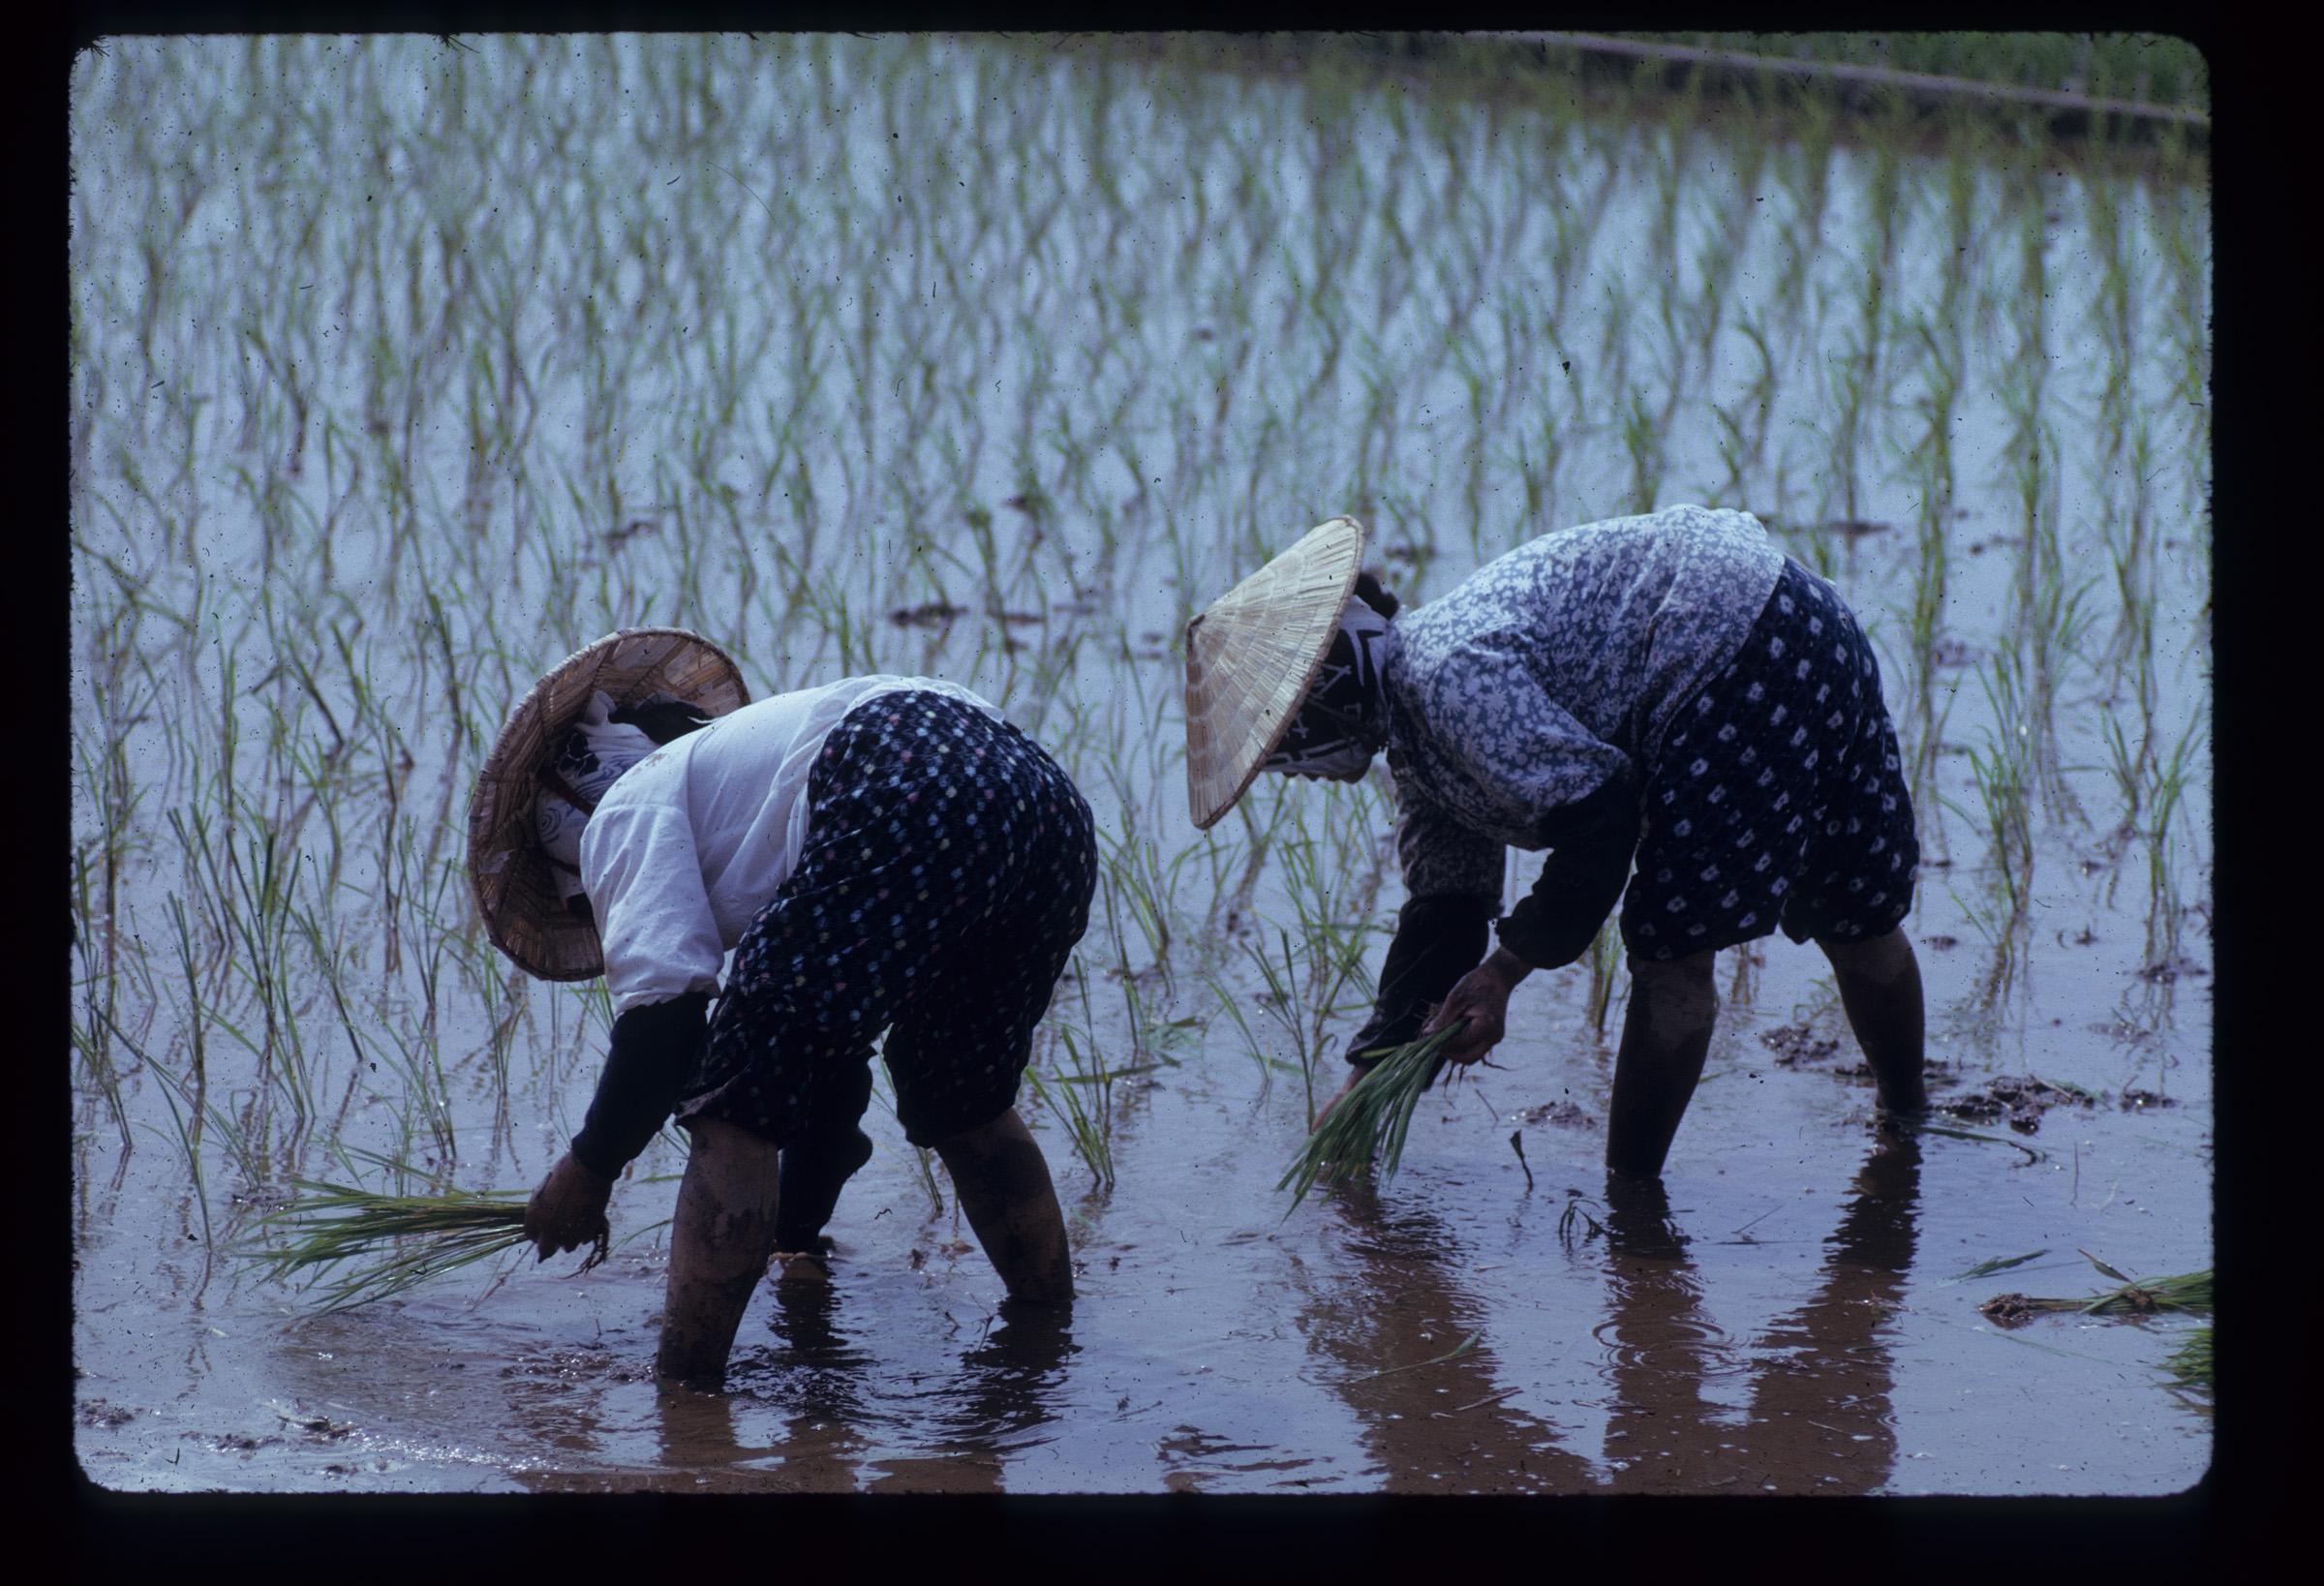 Women planting rice, Japan, 1961